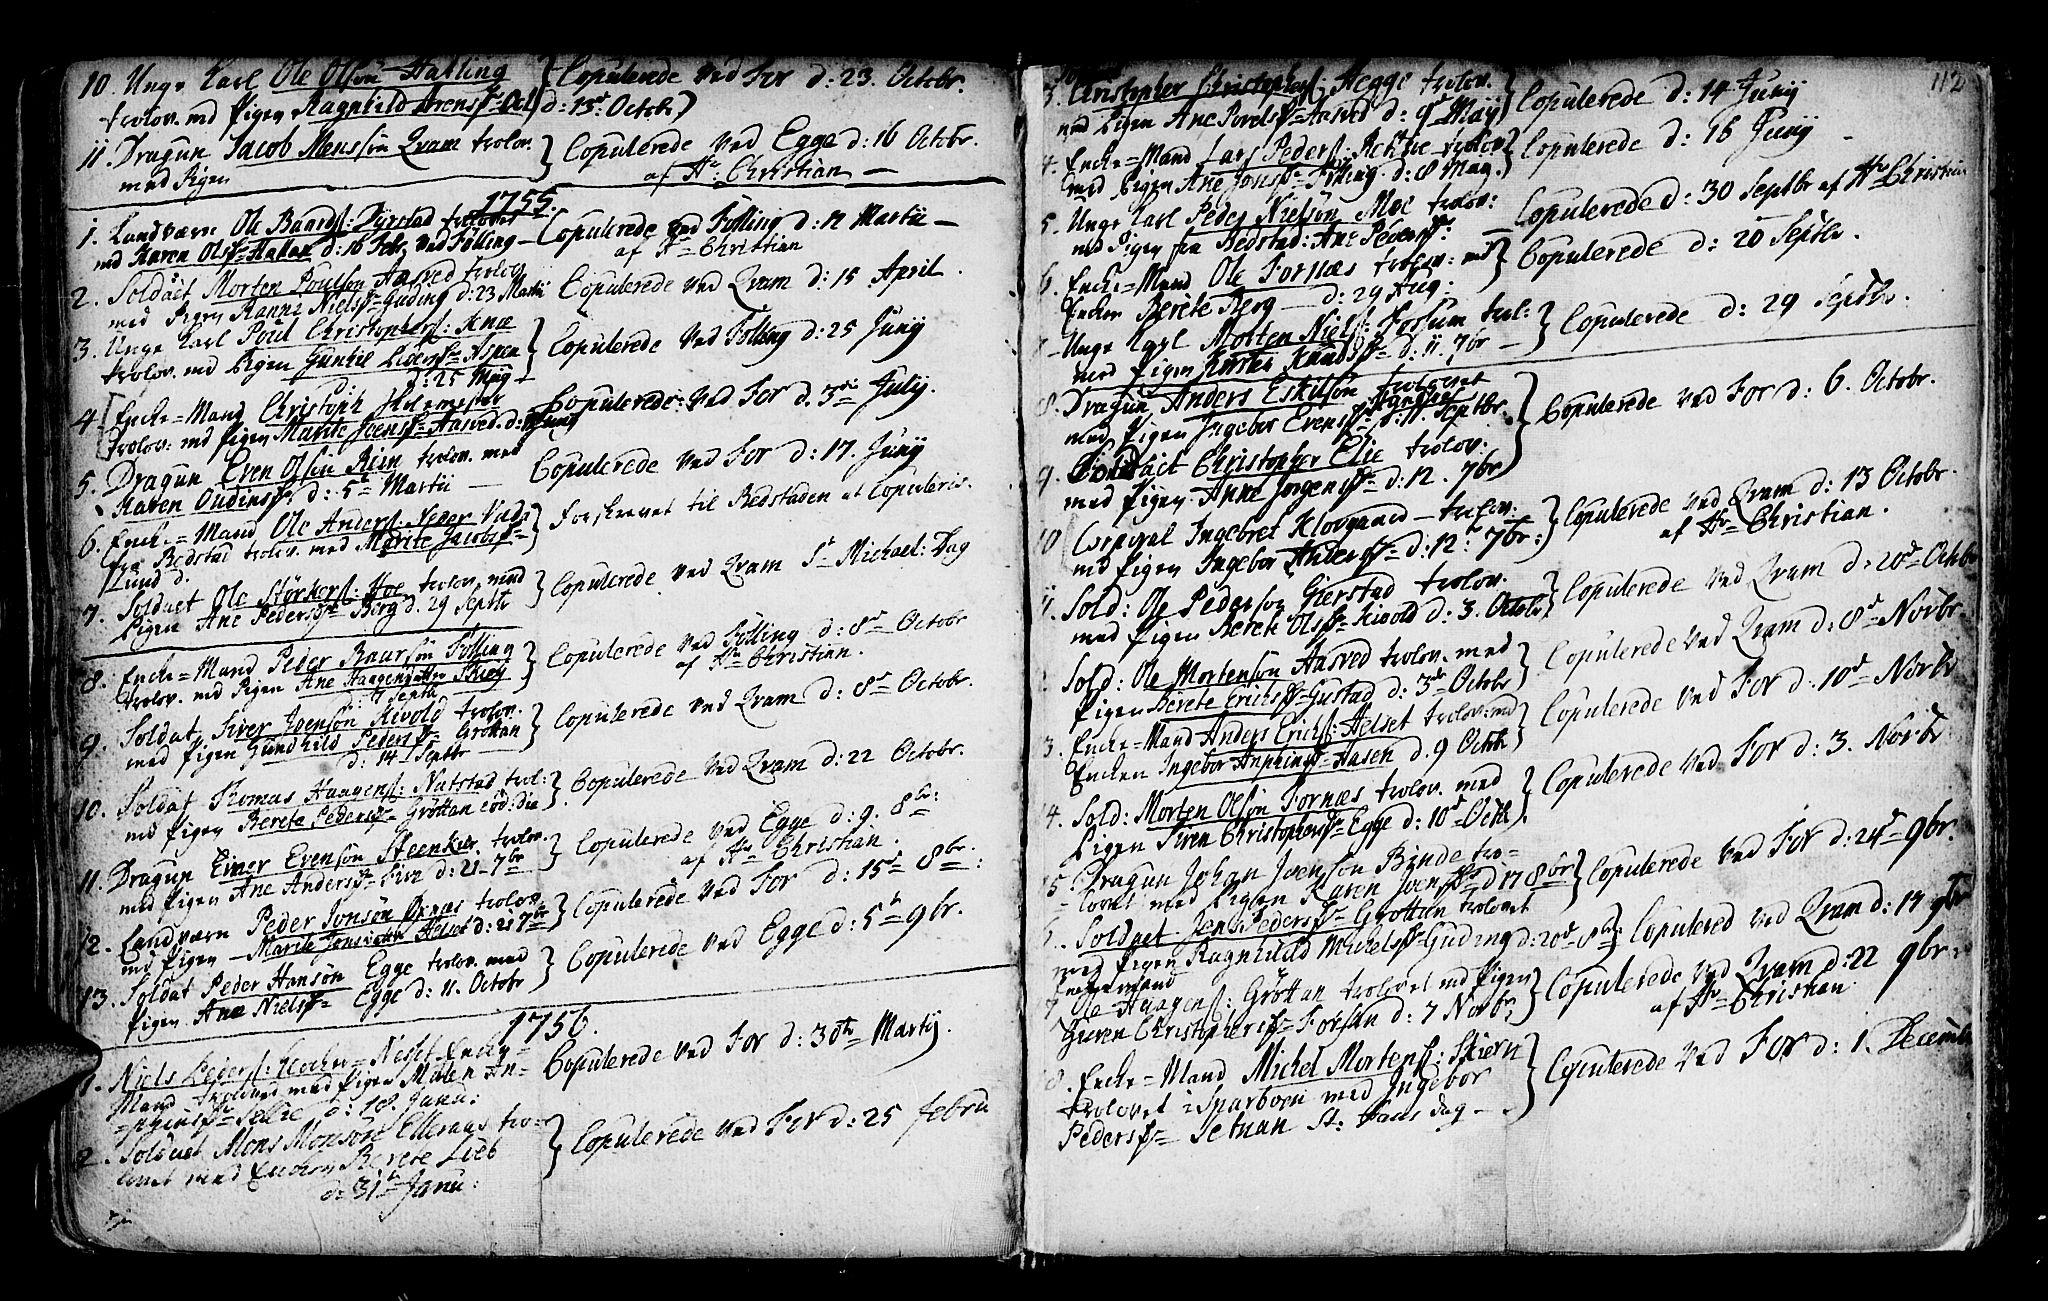 SAT, Ministerialprotokoller, klokkerbøker og fødselsregistre - Nord-Trøndelag, 746/L0439: Ministerialbok nr. 746A01, 1688-1759, s. 112